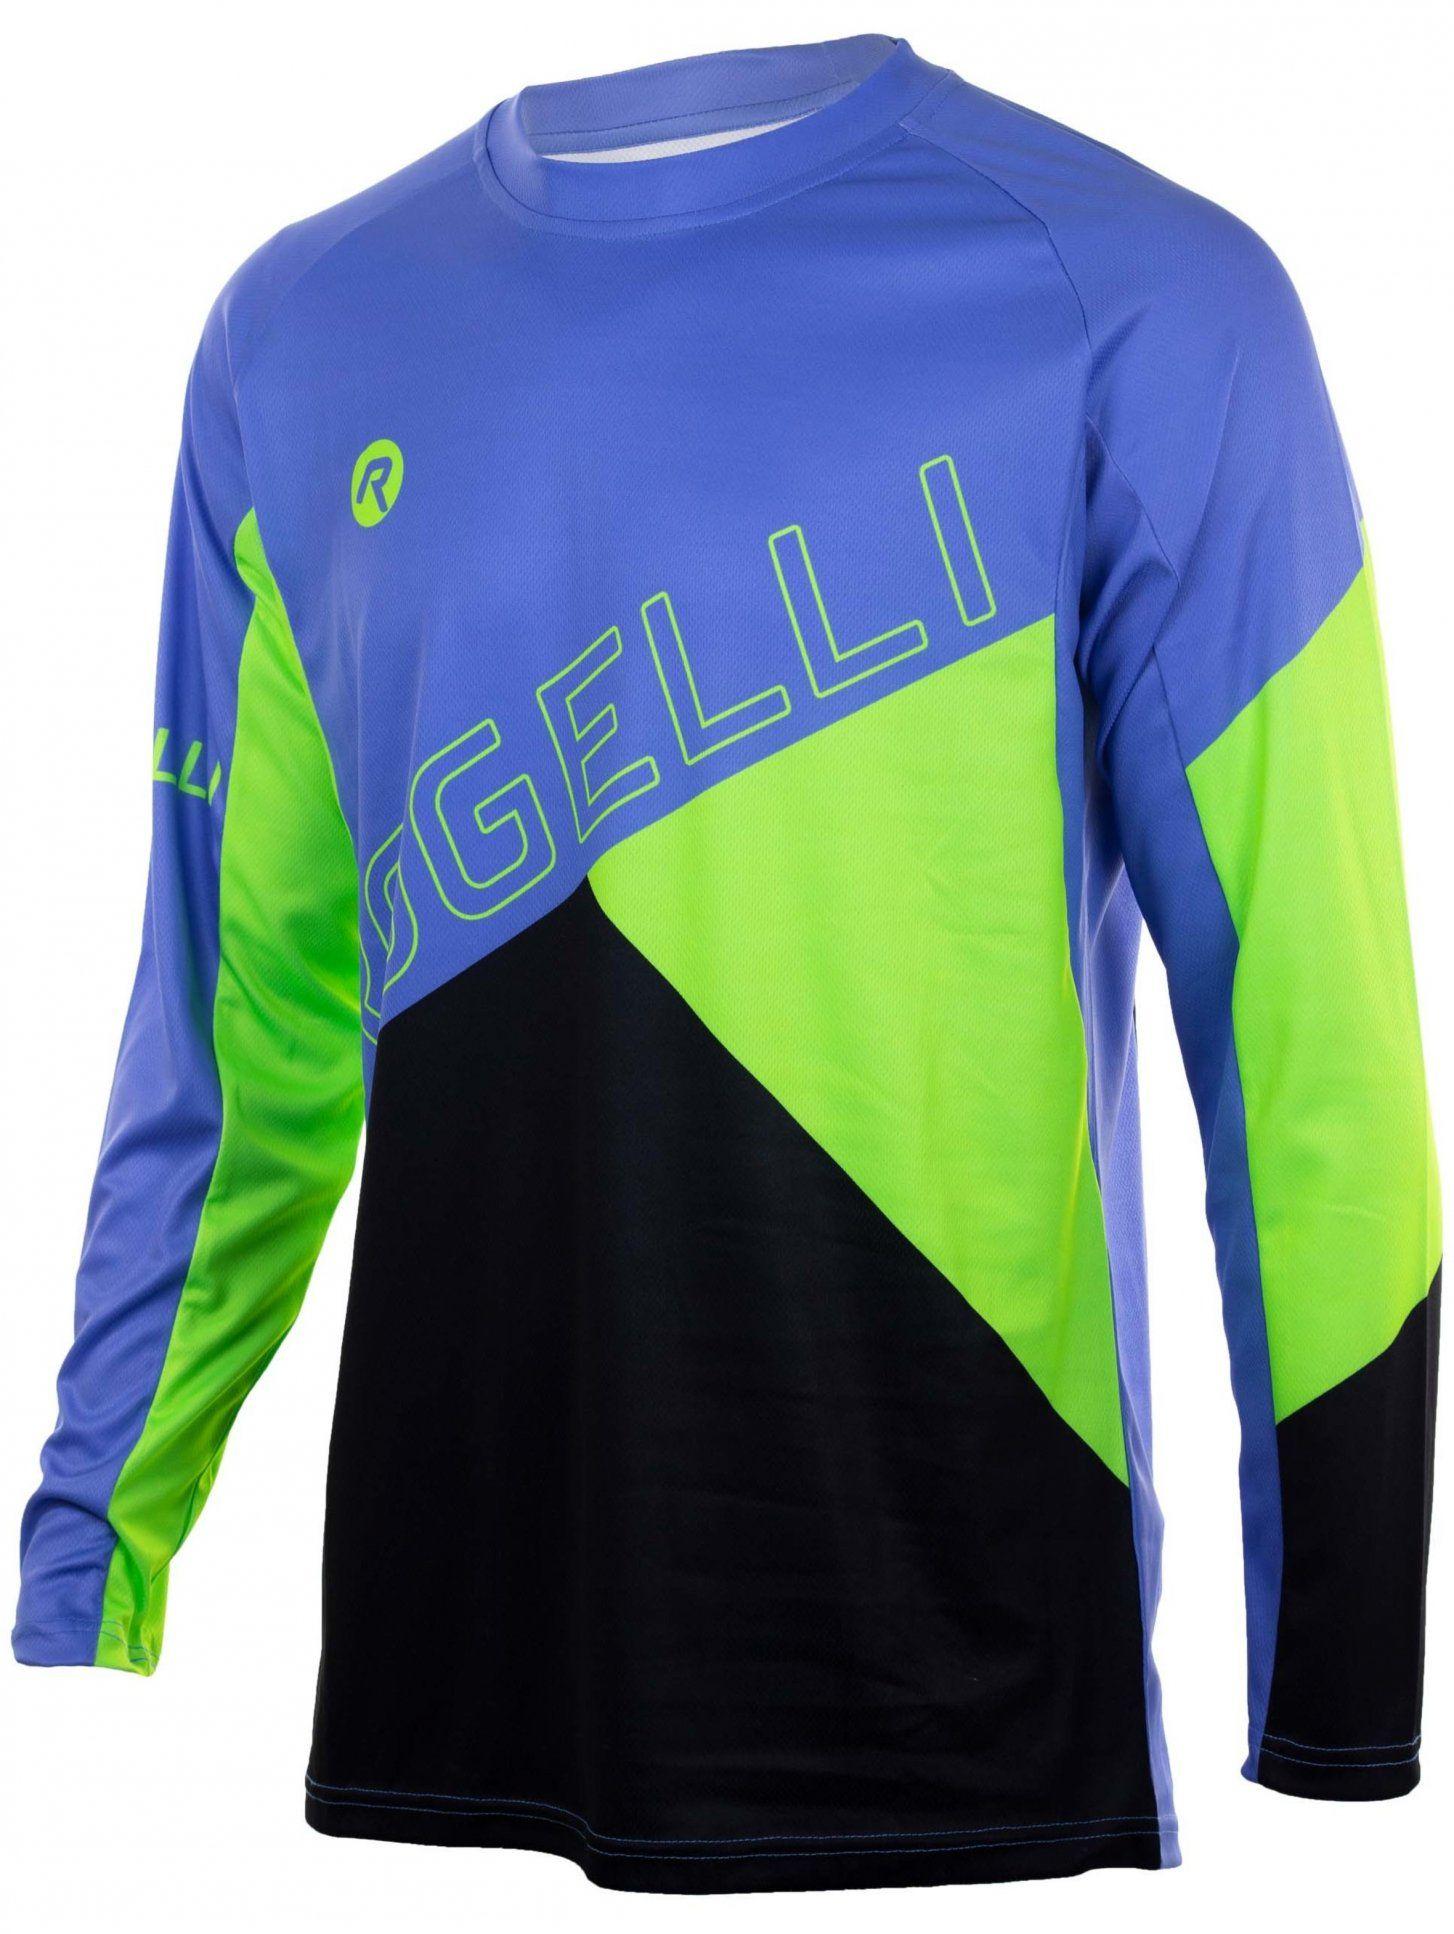 ROGELLI ADVENTURE męska koszulka rowerowa MTB z długim rekawem niebiesko-fluorowa 060.111 Rozmiar: 2XL,ADVENTURE 060.111